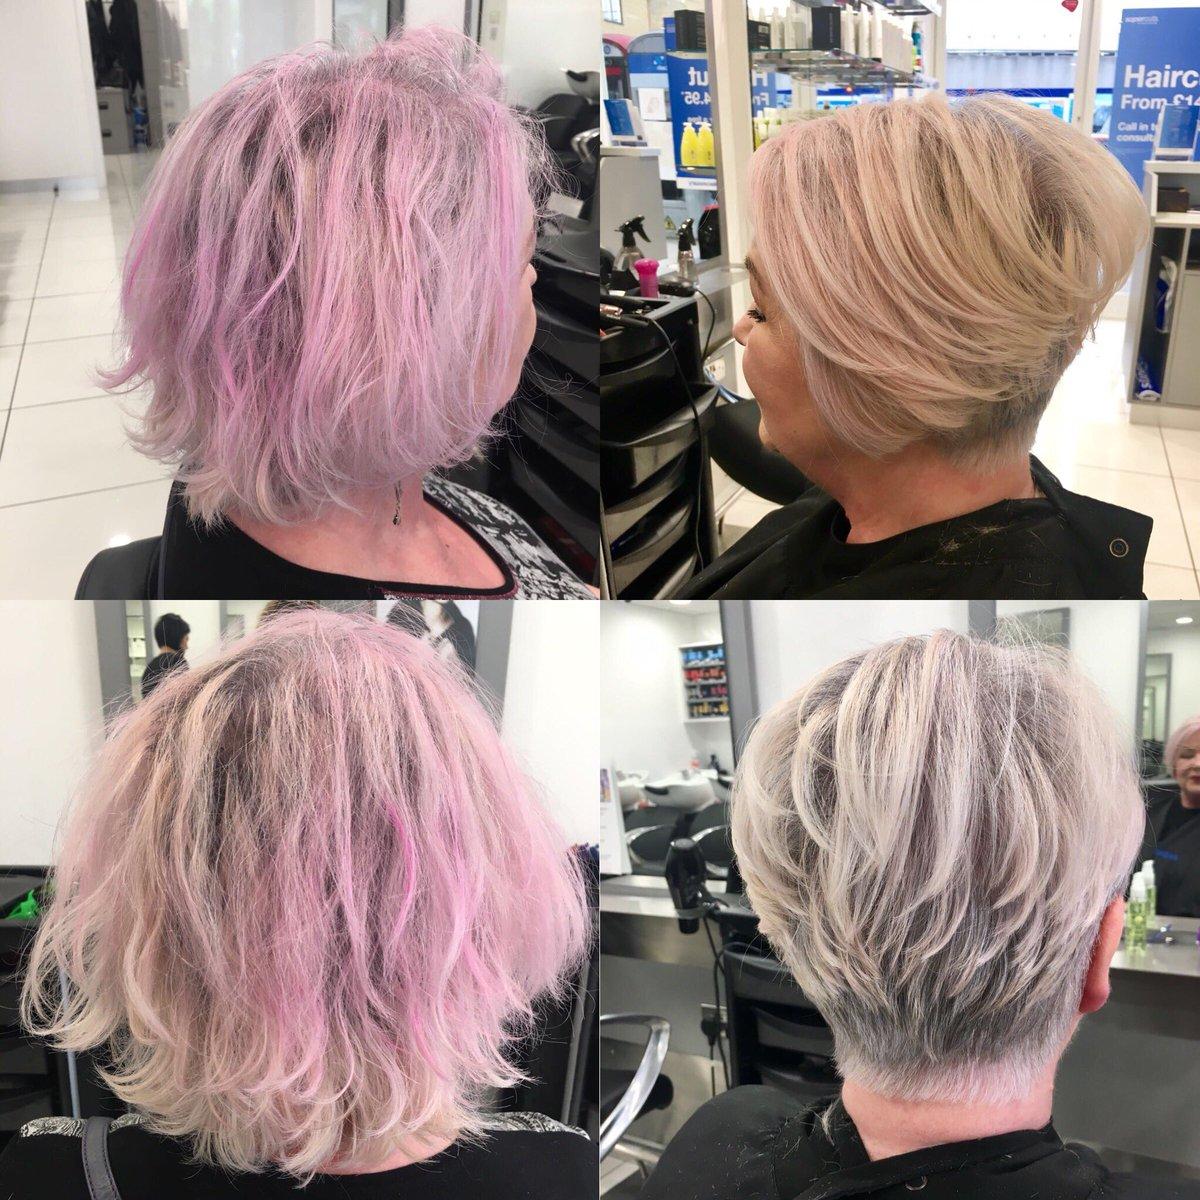 supercuts hair color